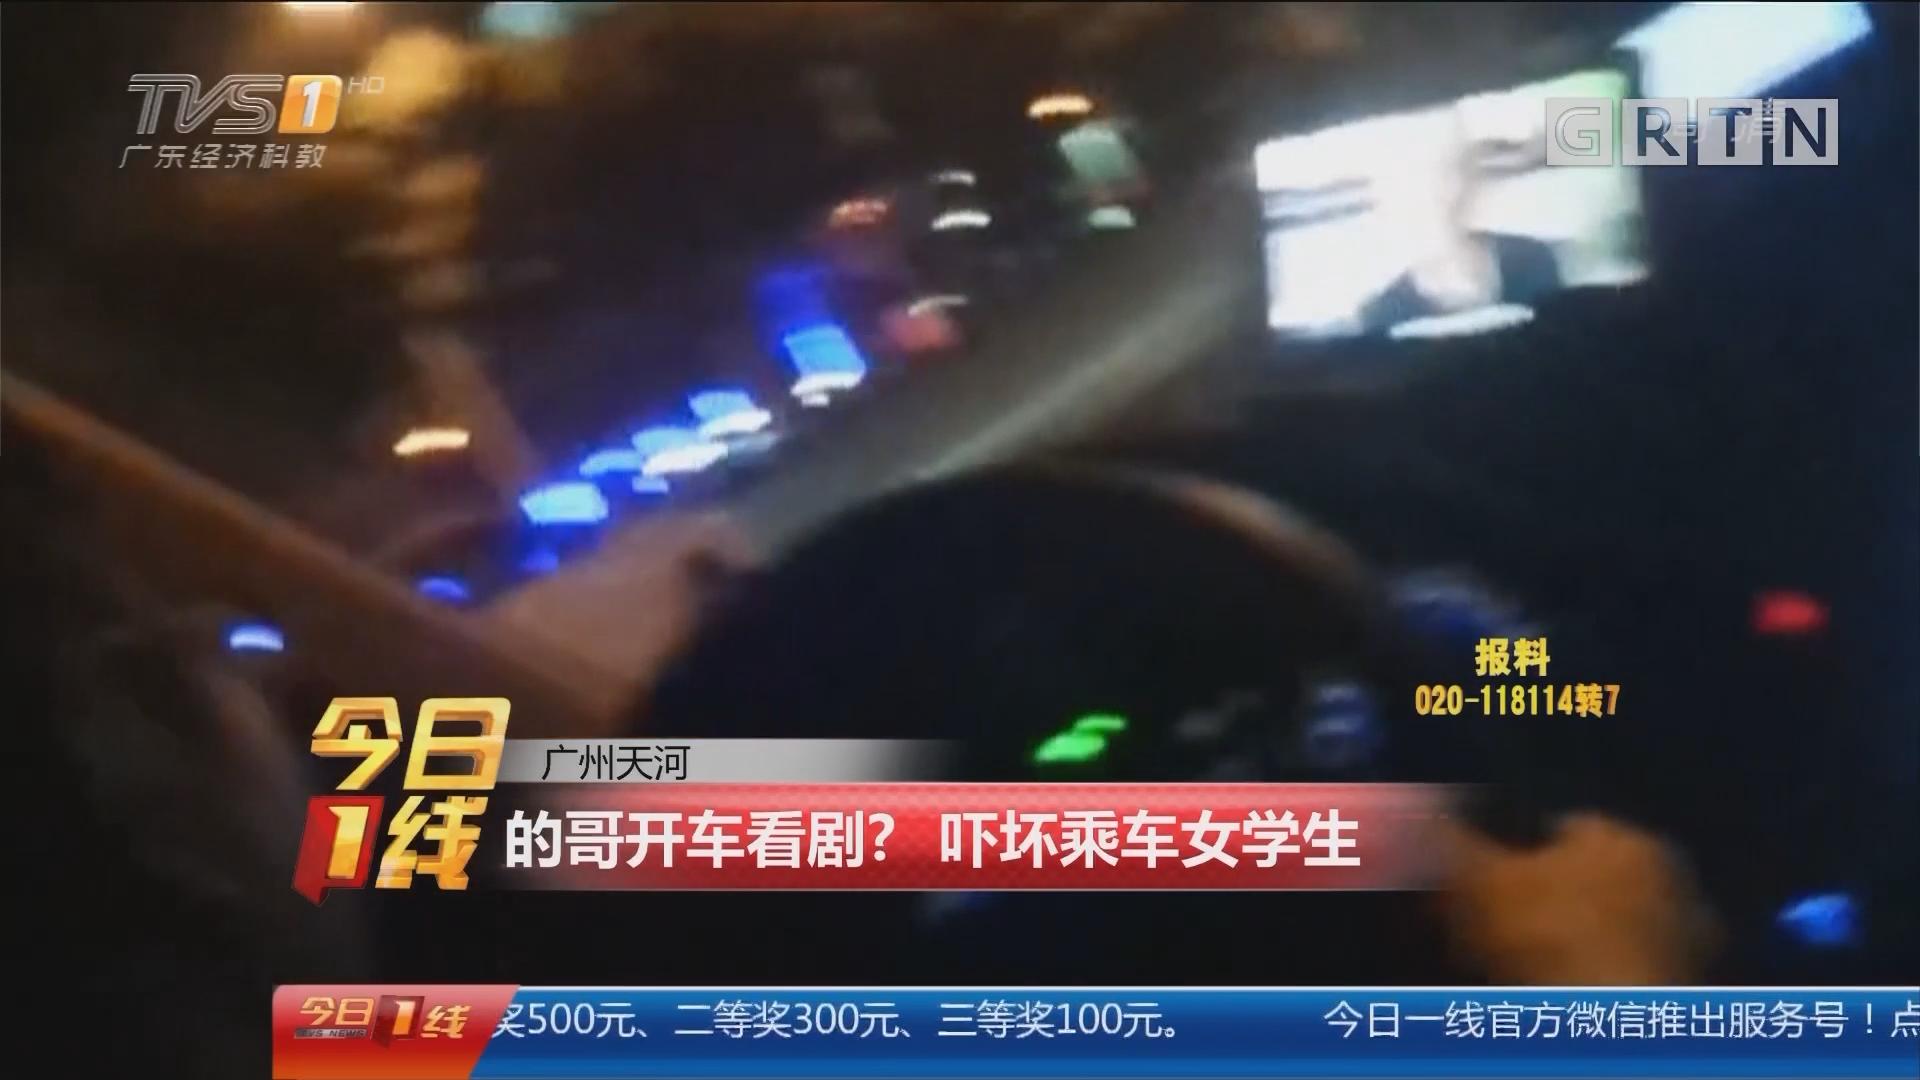 广州天河:的哥开车看剧? 吓坏乘车女学生